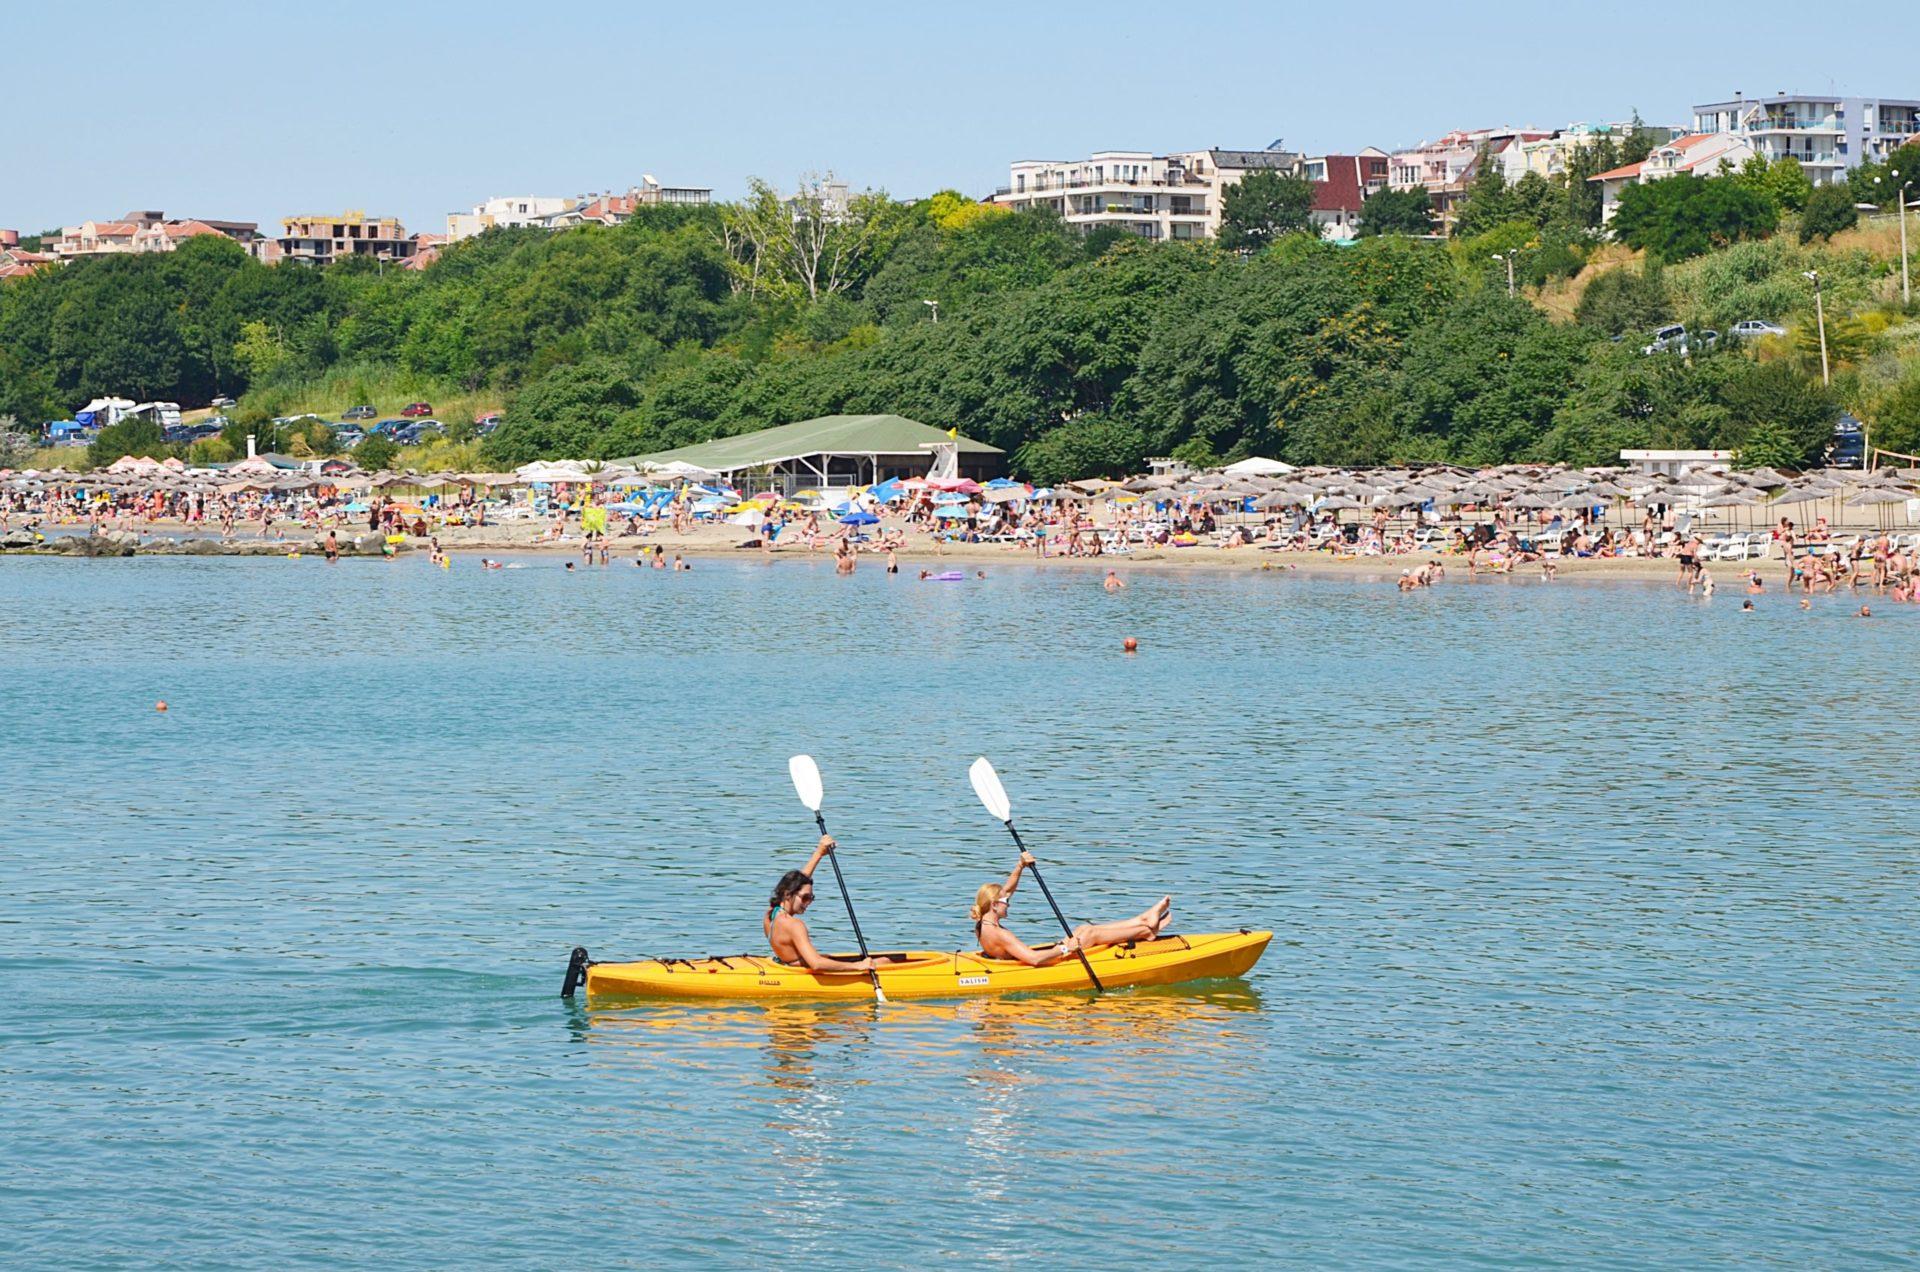 Wassertemperatur Burgas: Zwei Paddler im Schwarzen Meer vor einem Badestrand bei Burgas